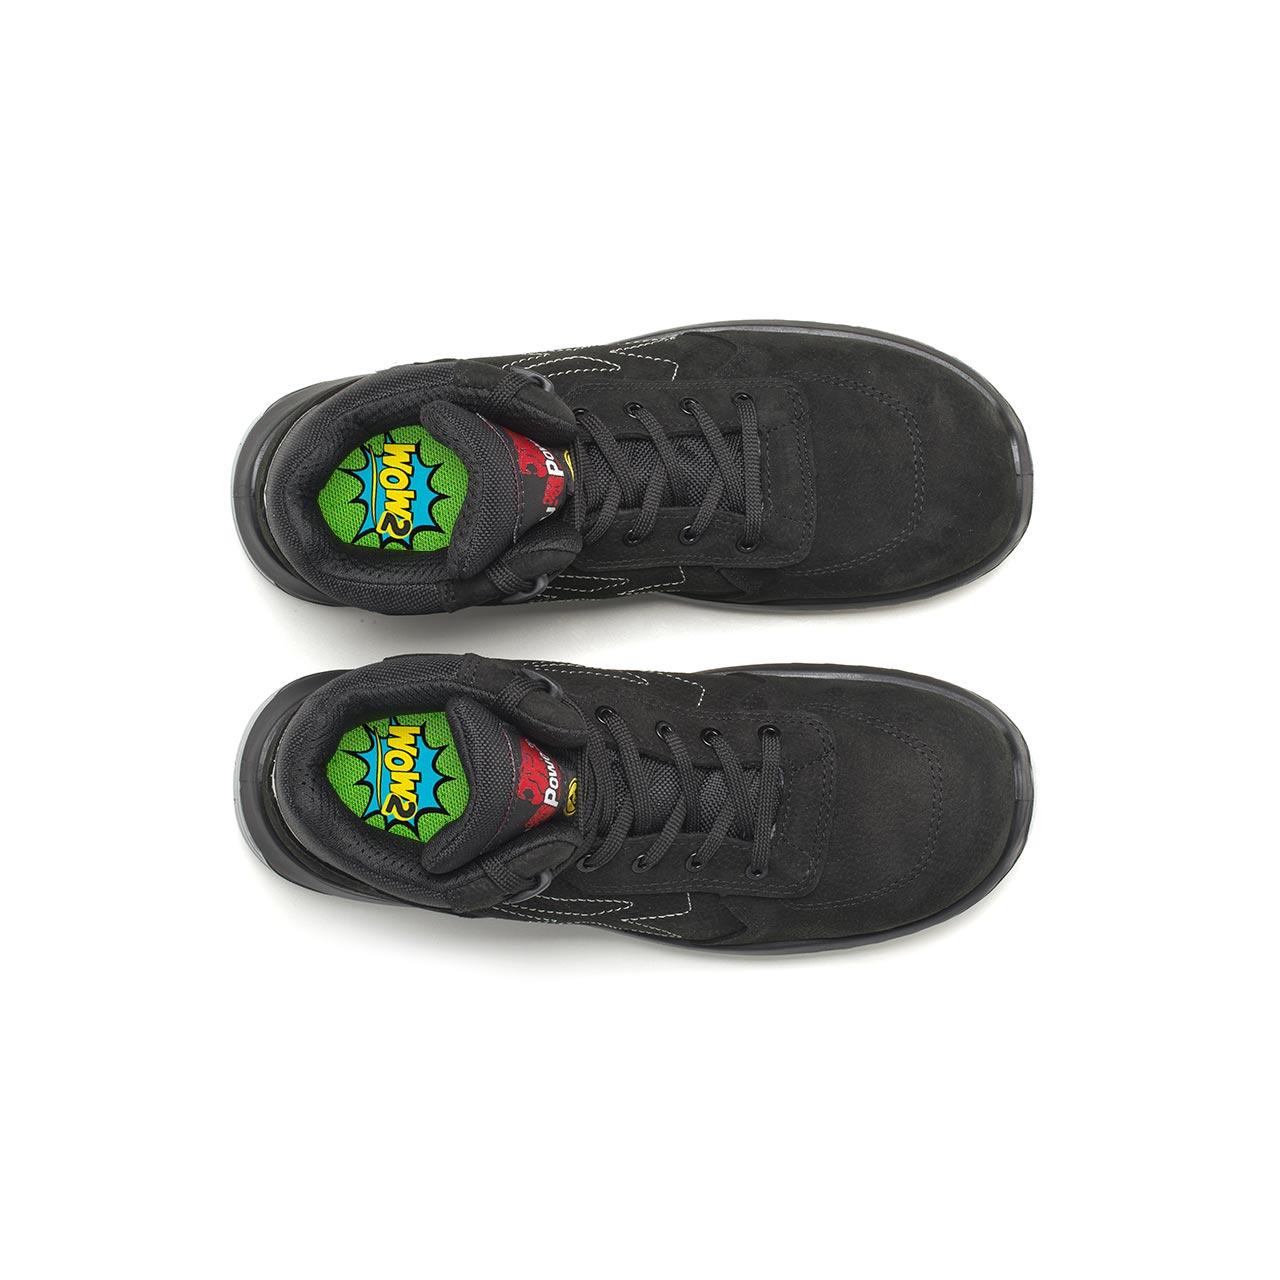 paio di scarpe antinfortunistiche alte upower modello tweed linea redindustry vista top